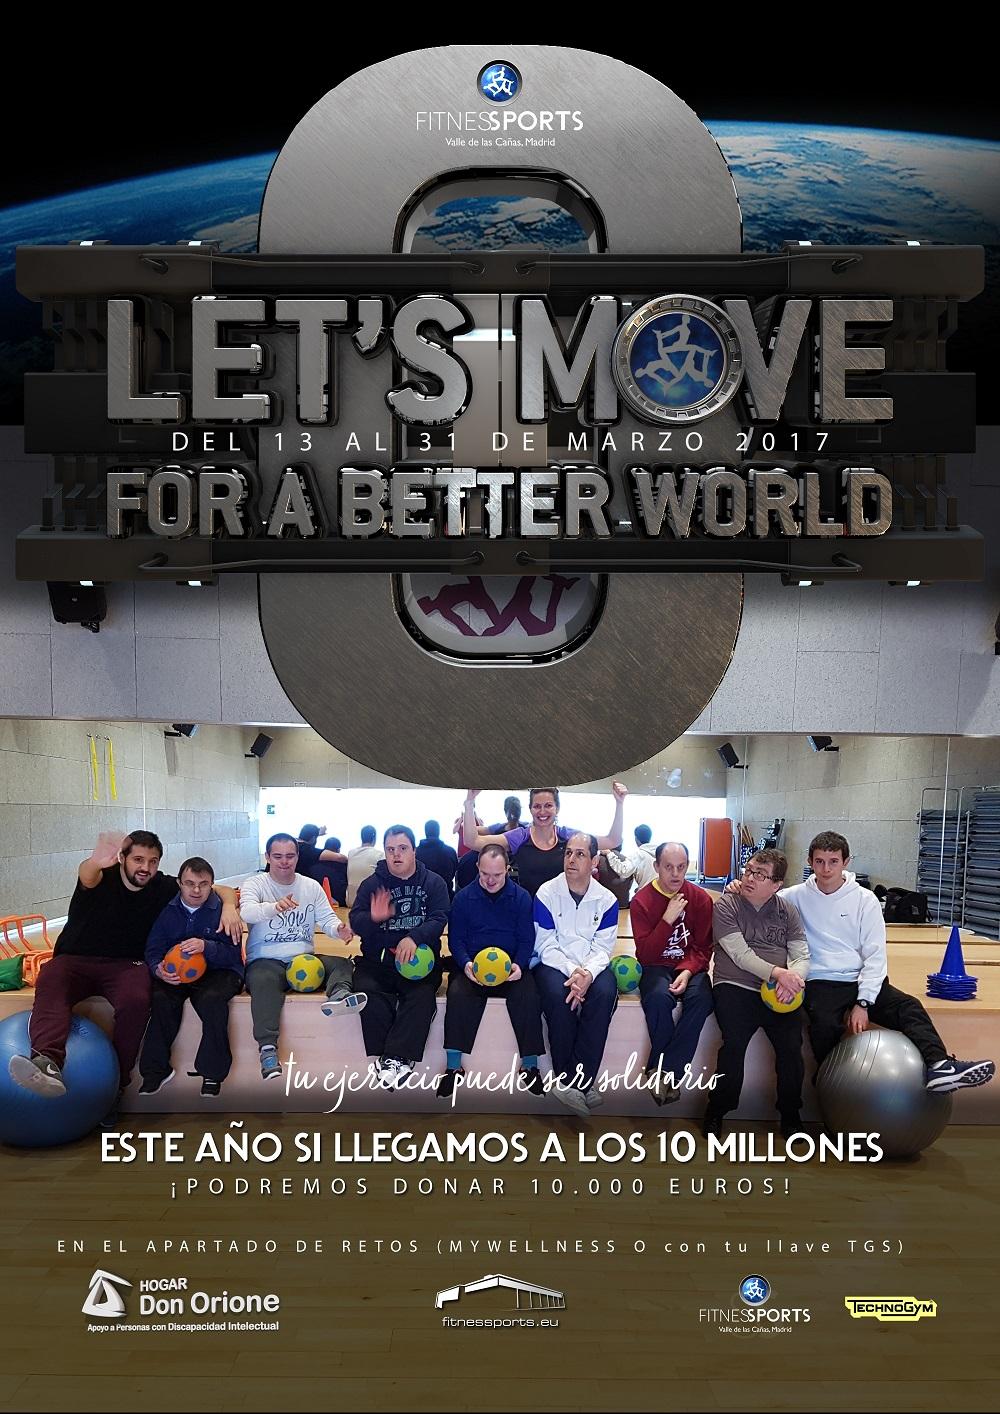 Lets move Fitness Sports Valle de las CAñas Don Orione LR